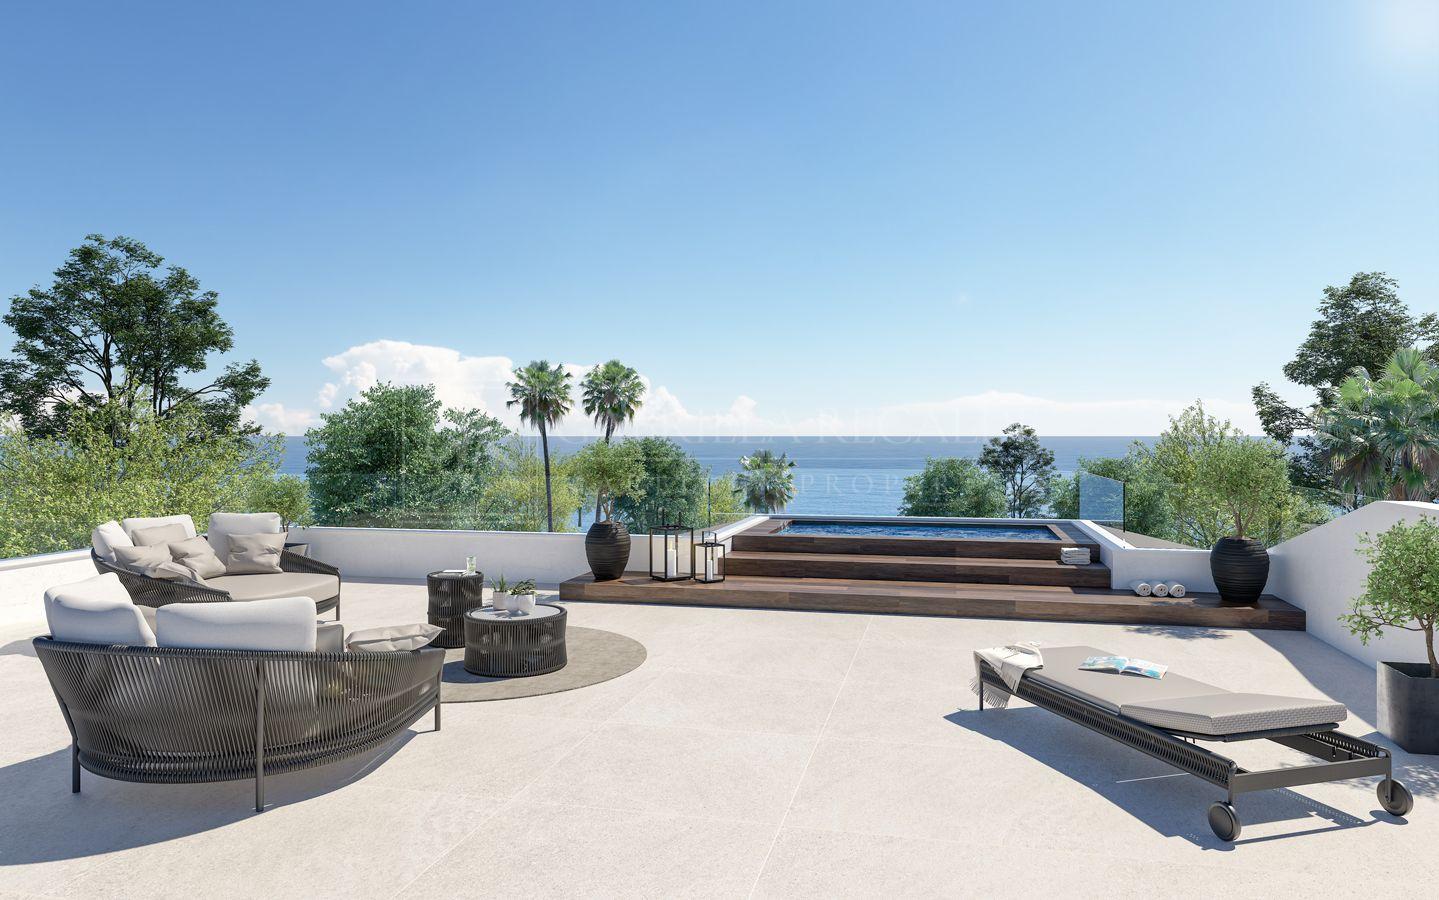 Exclusive project of 3 luxury contemporary style villas in Puerto Banus/ Marbella